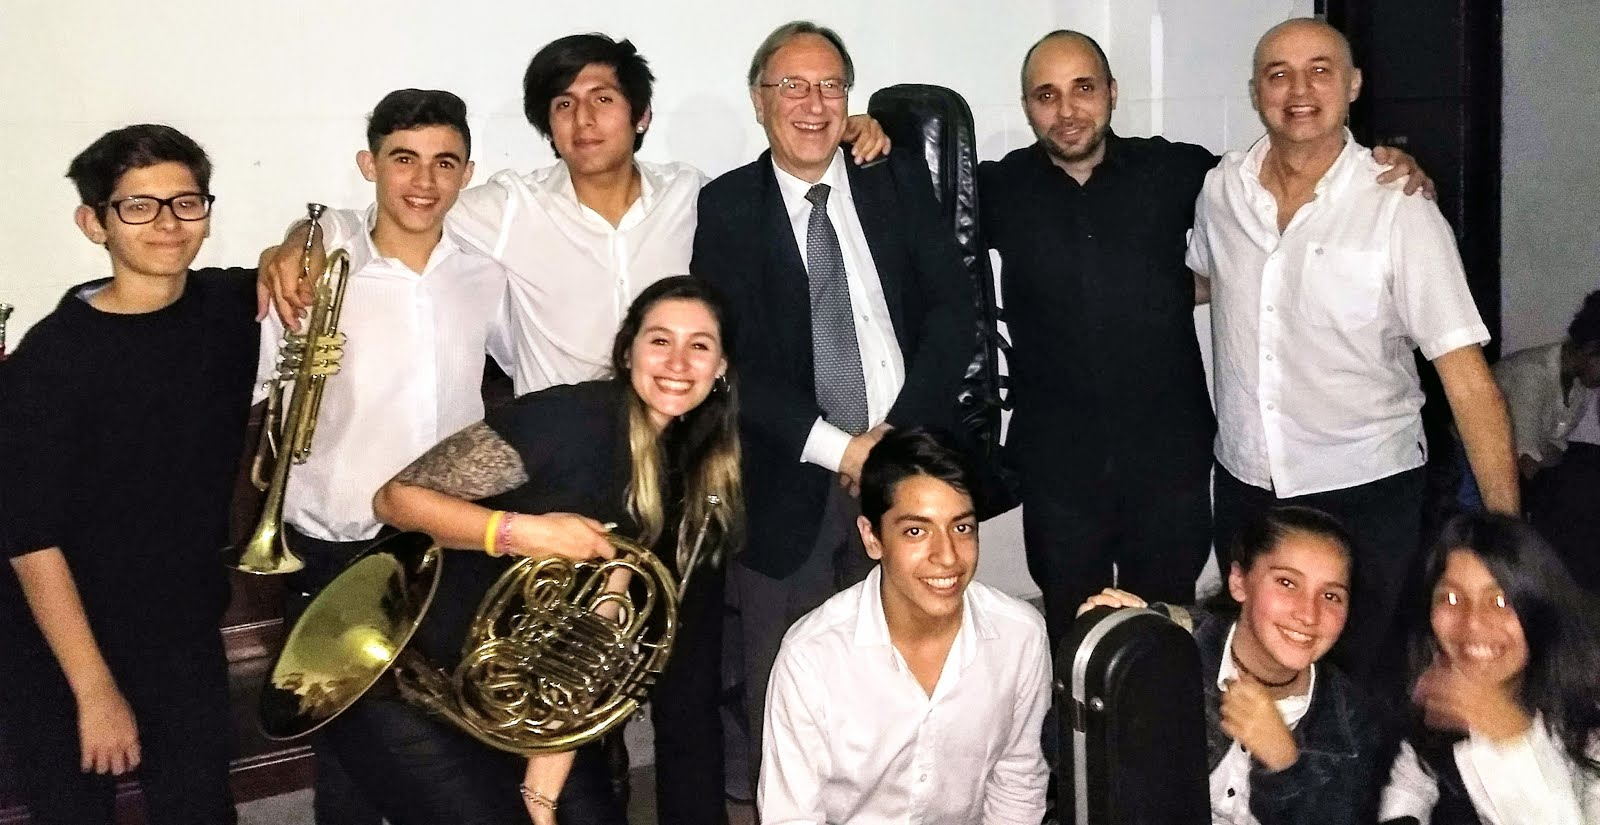 Banda Escuela Coro y Orquesta Athos Palma - Oct 2018